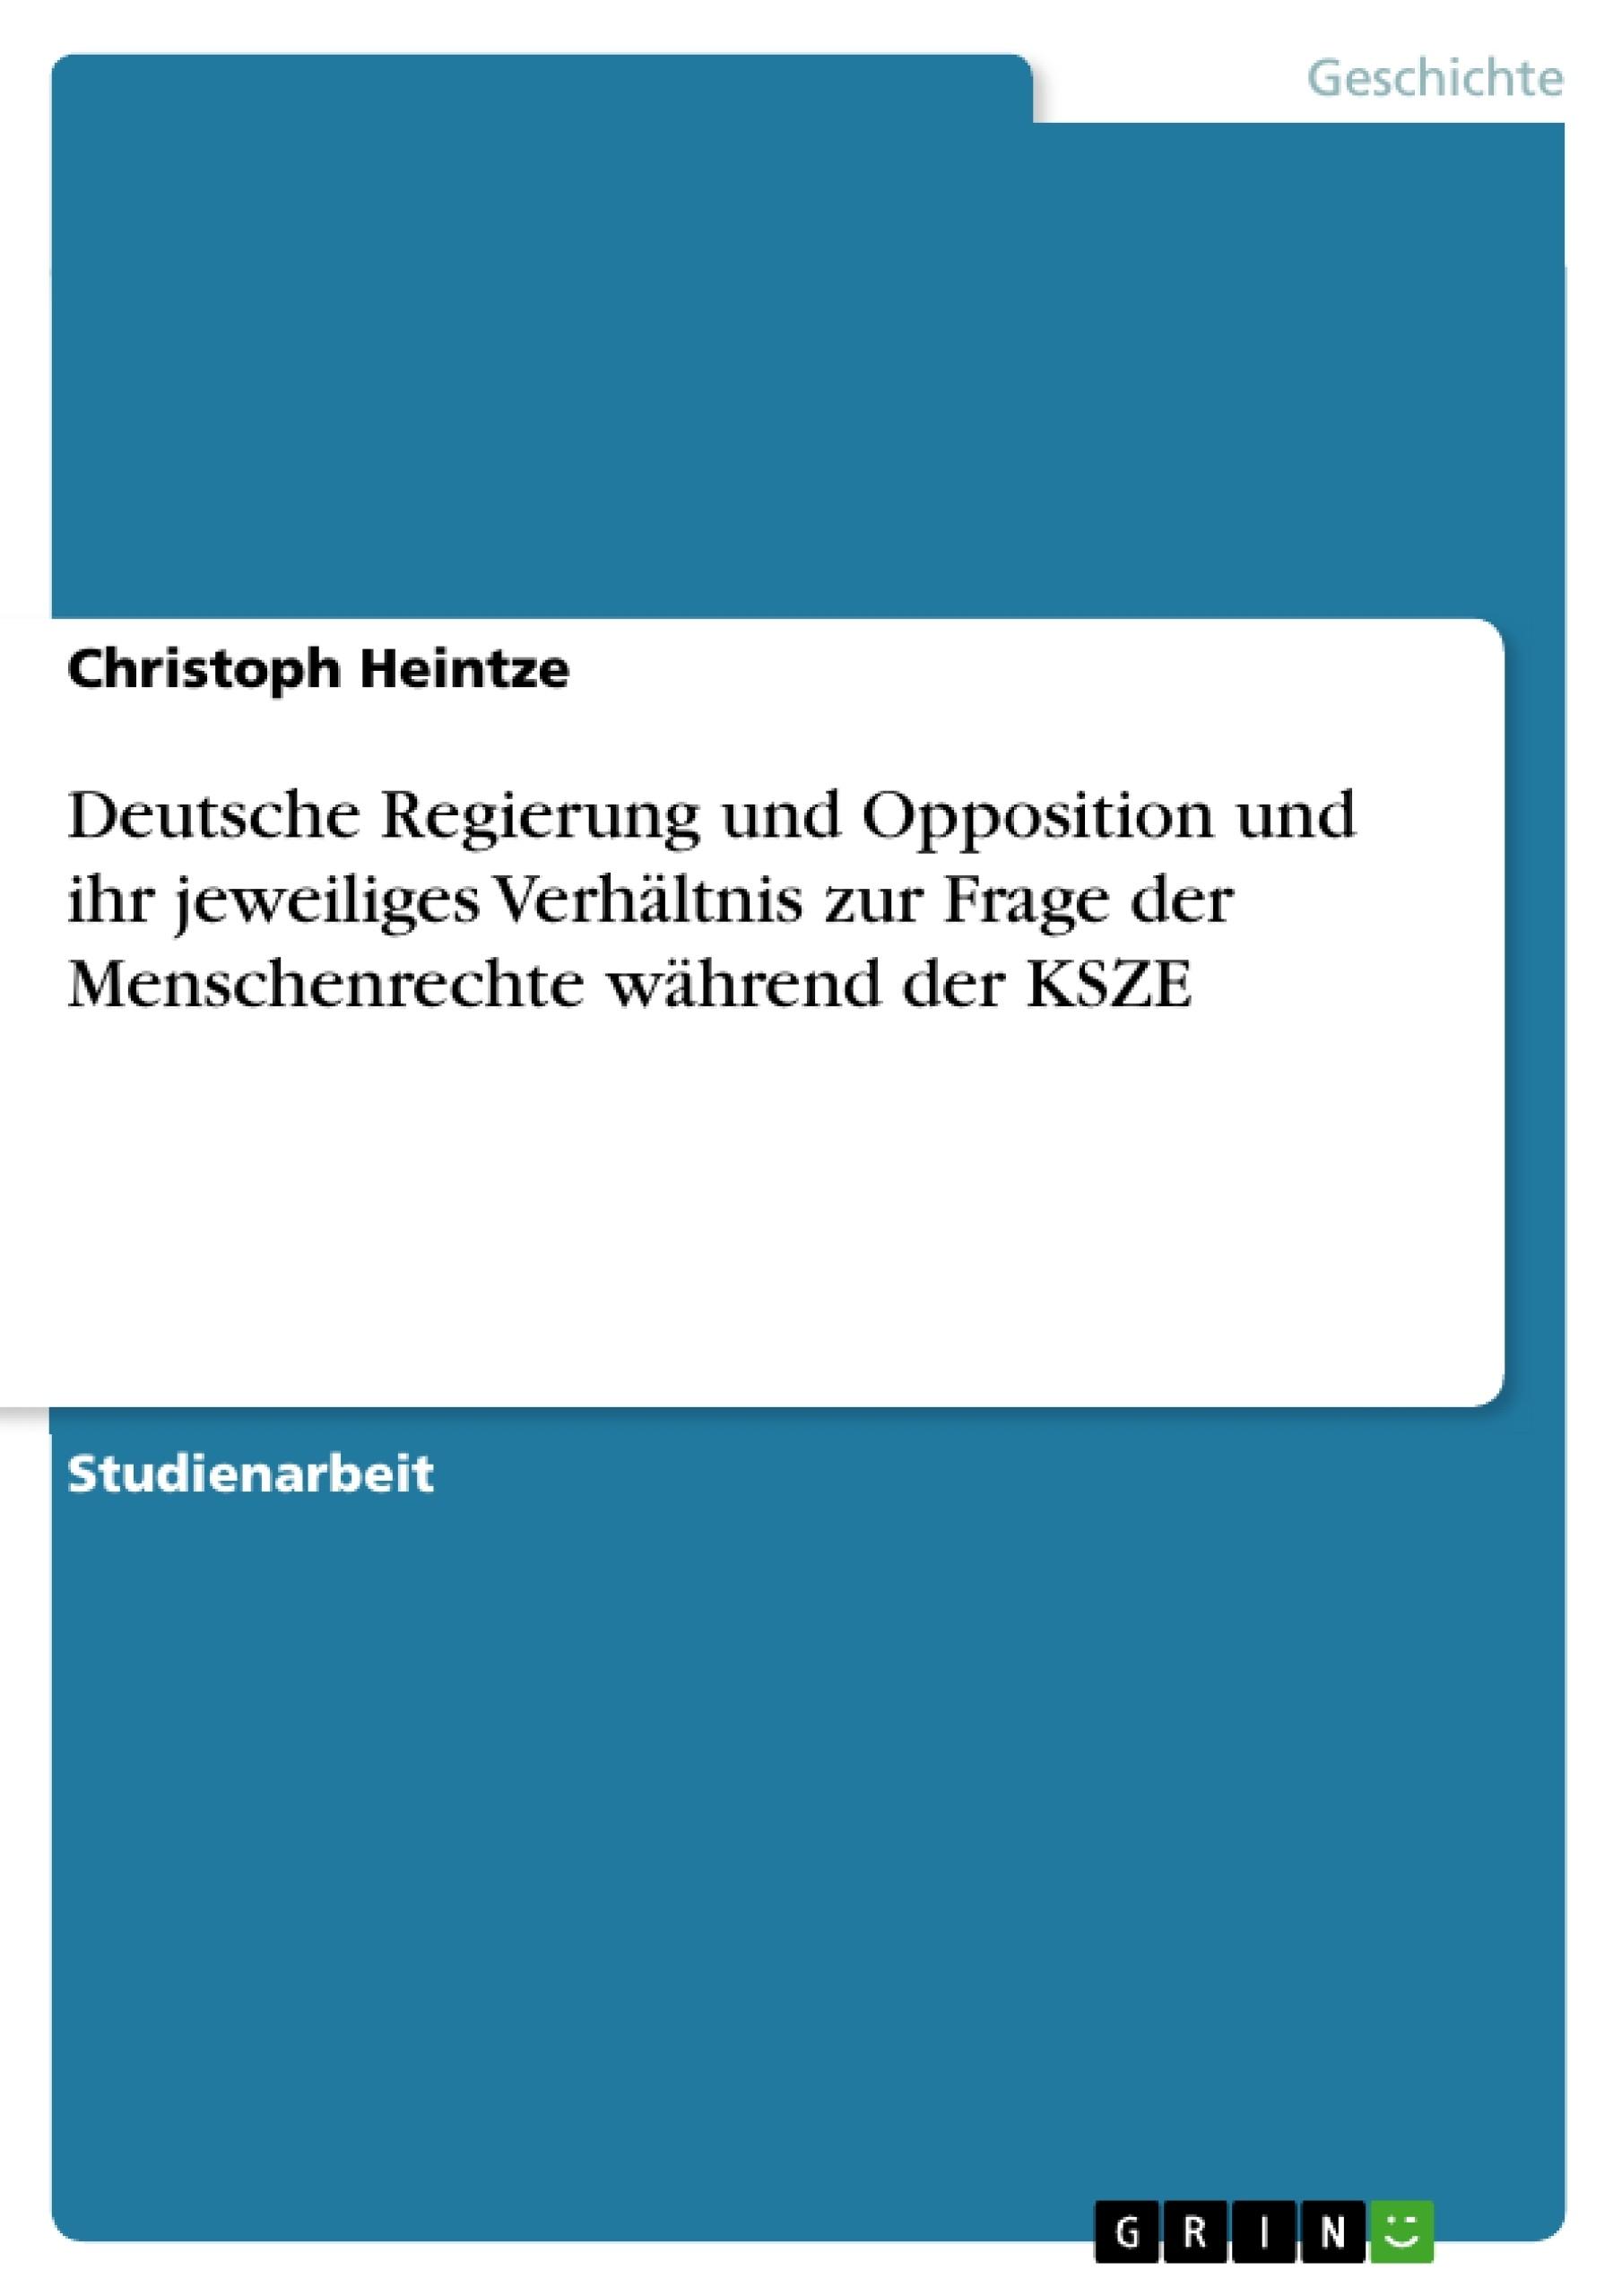 Titel: Deutsche Regierung und Opposition und ihr jeweiliges Verhältnis zur Frage der Menschenrechte während der KSZE